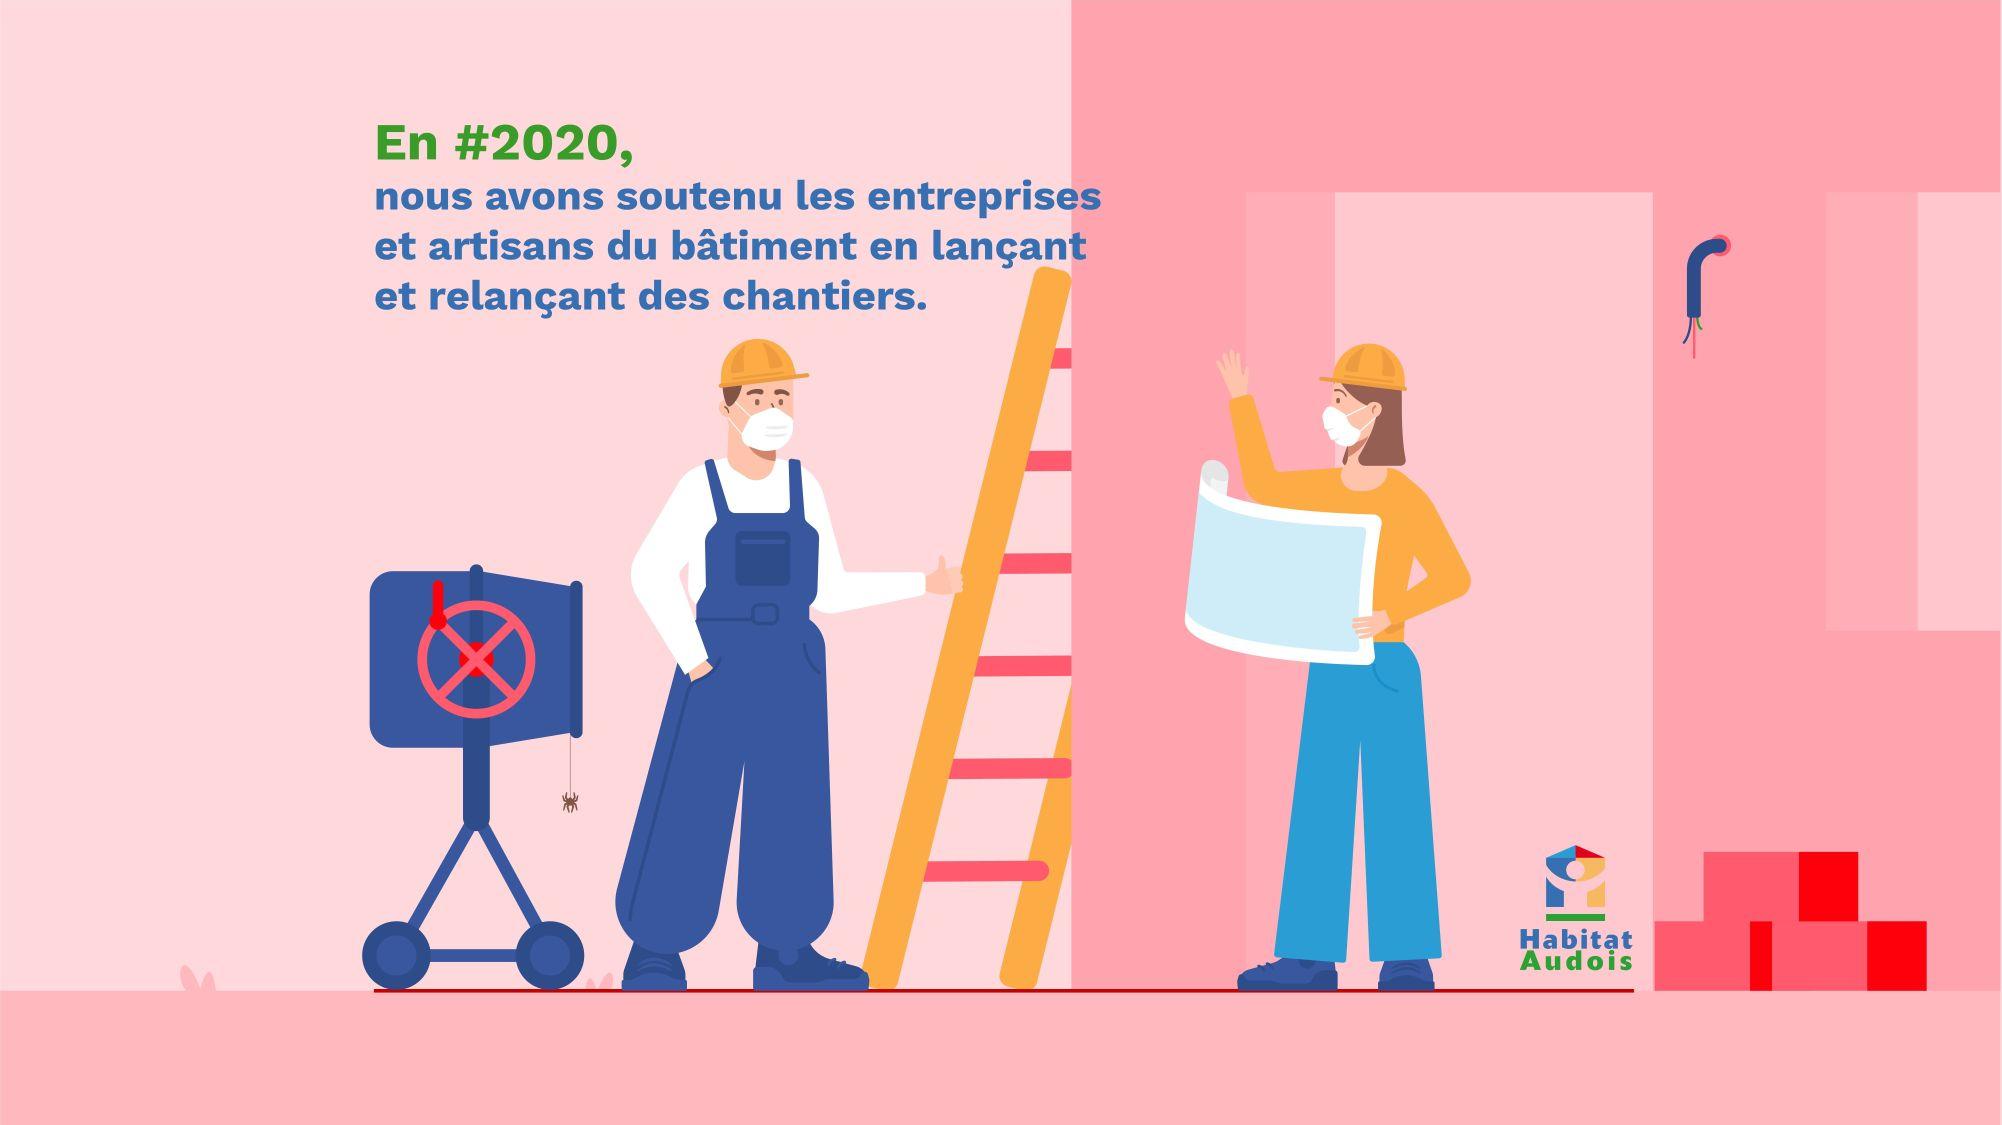 Habitat Audois - Positivons 2020 - Responsabilité